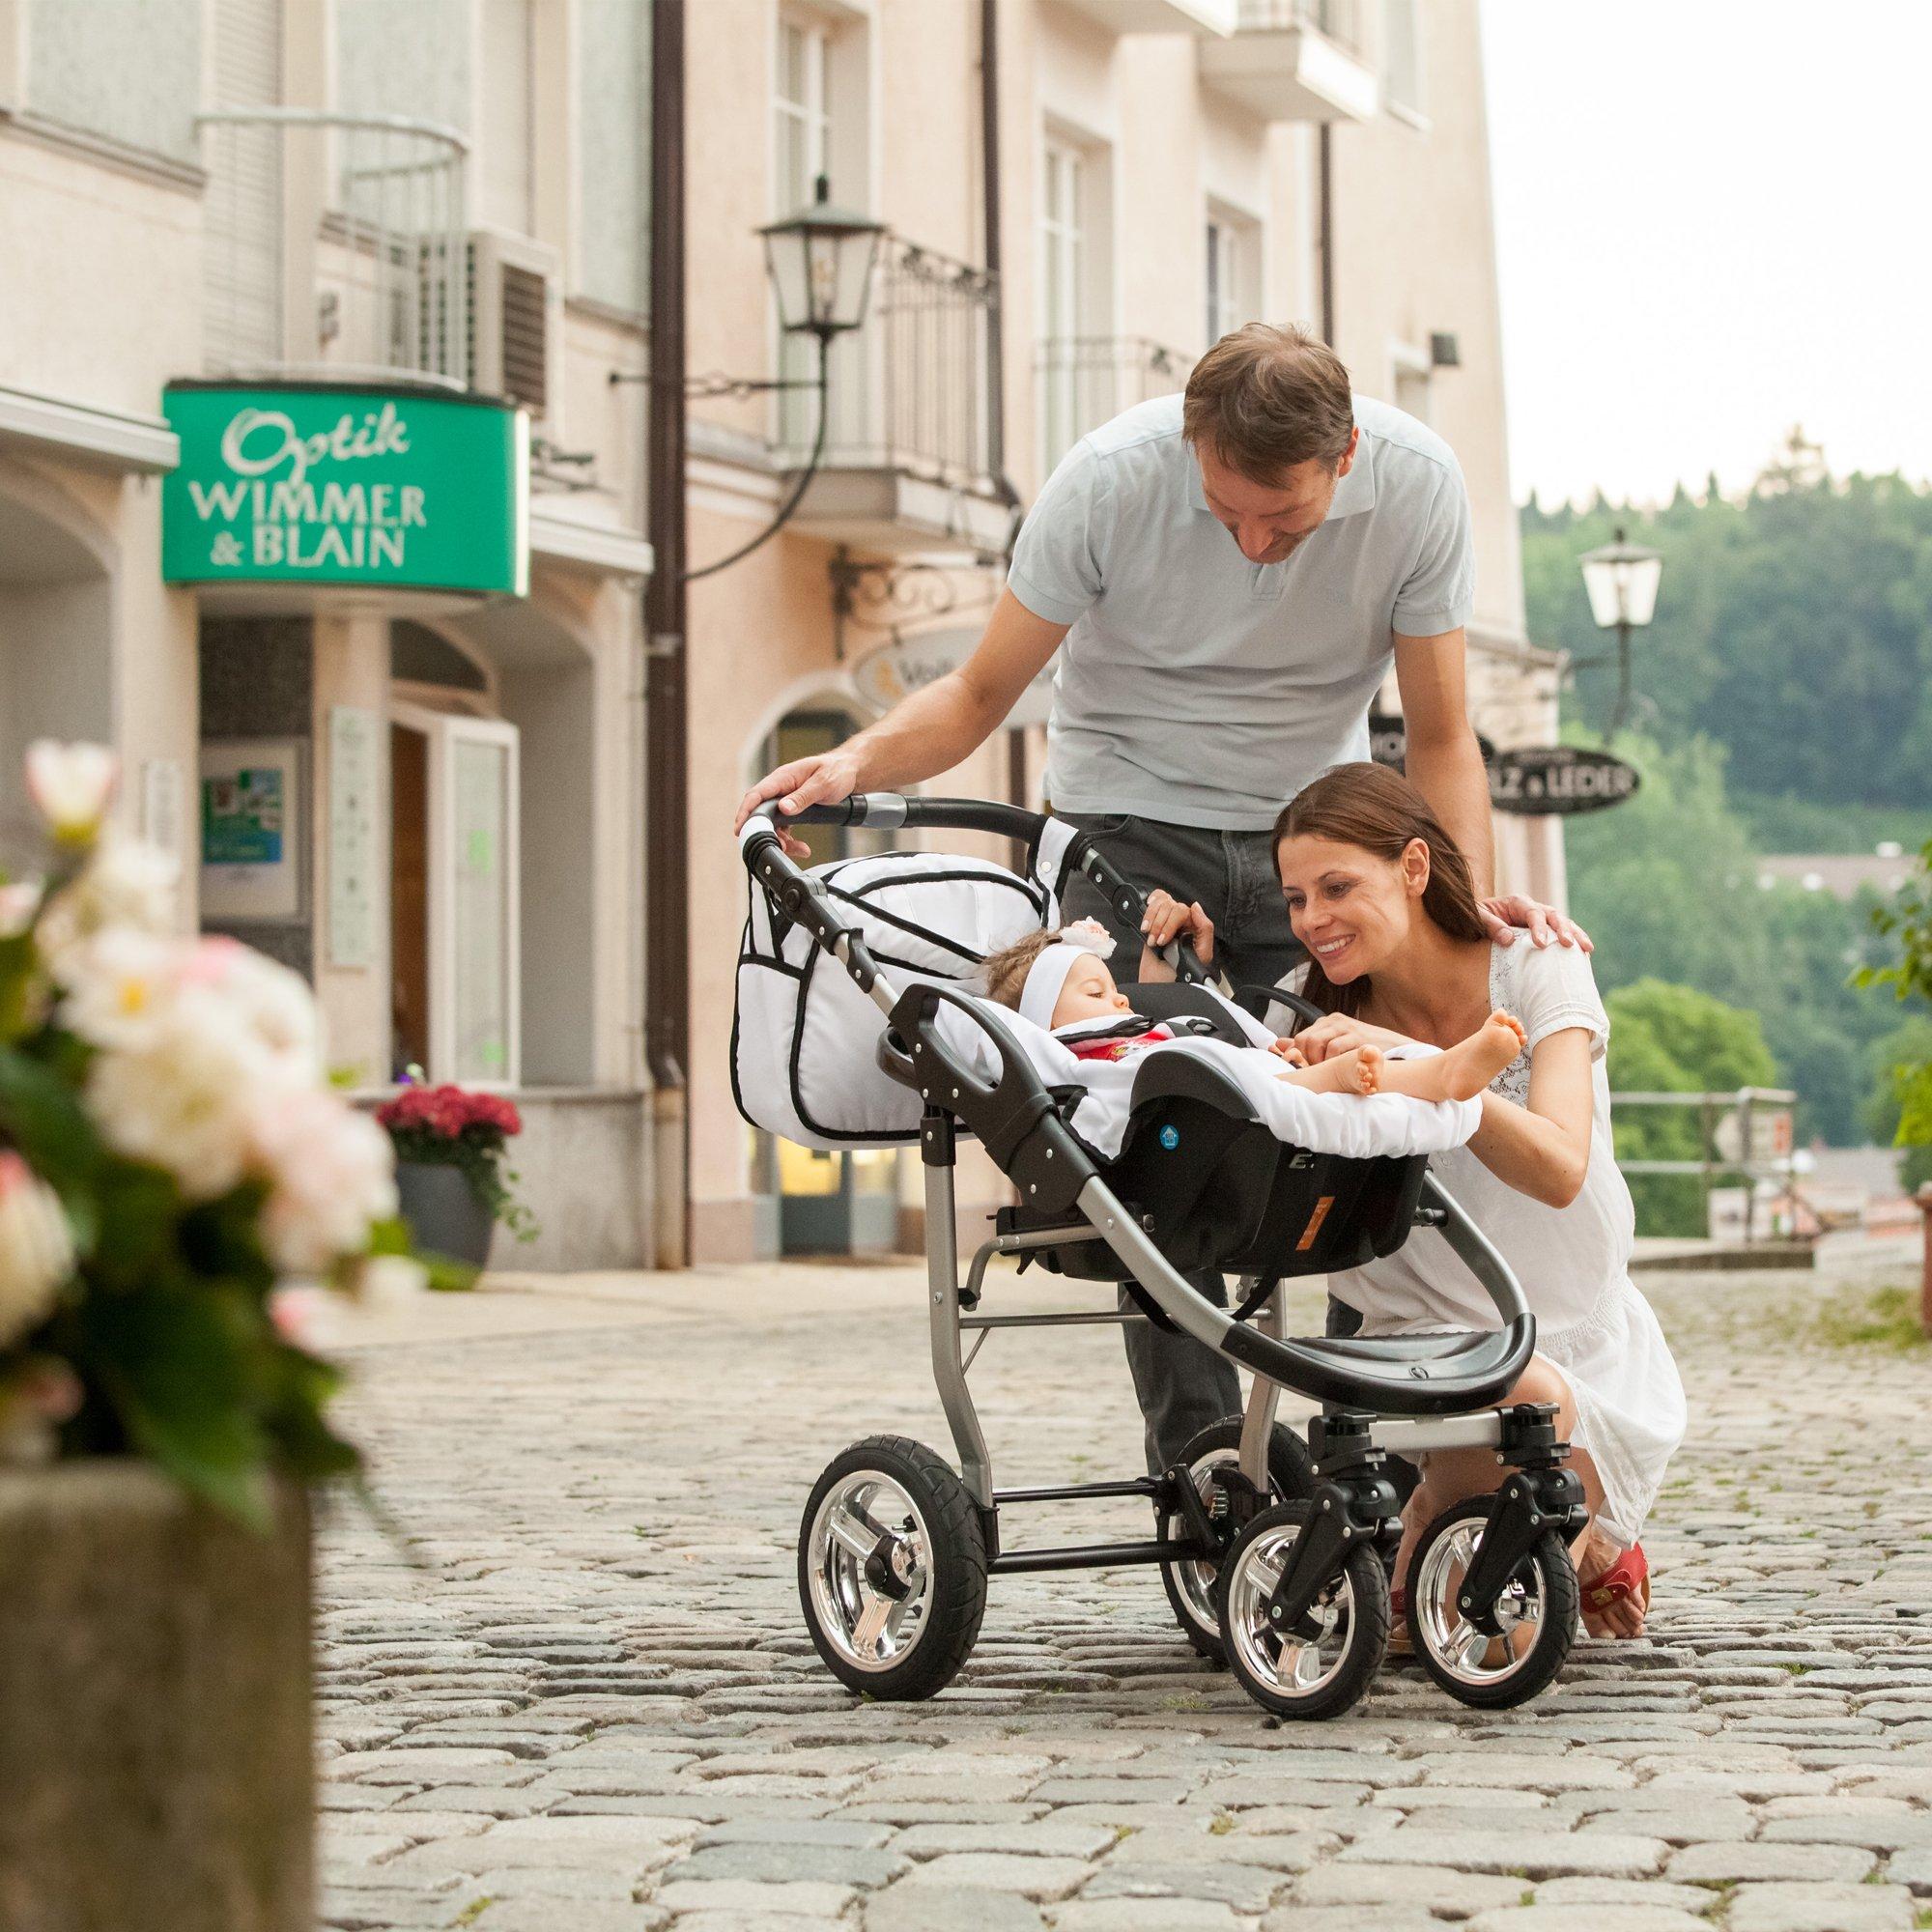 bergsteiger capri kinderwagen 3 in 1 kombikinderwagen. Black Bedroom Furniture Sets. Home Design Ideas